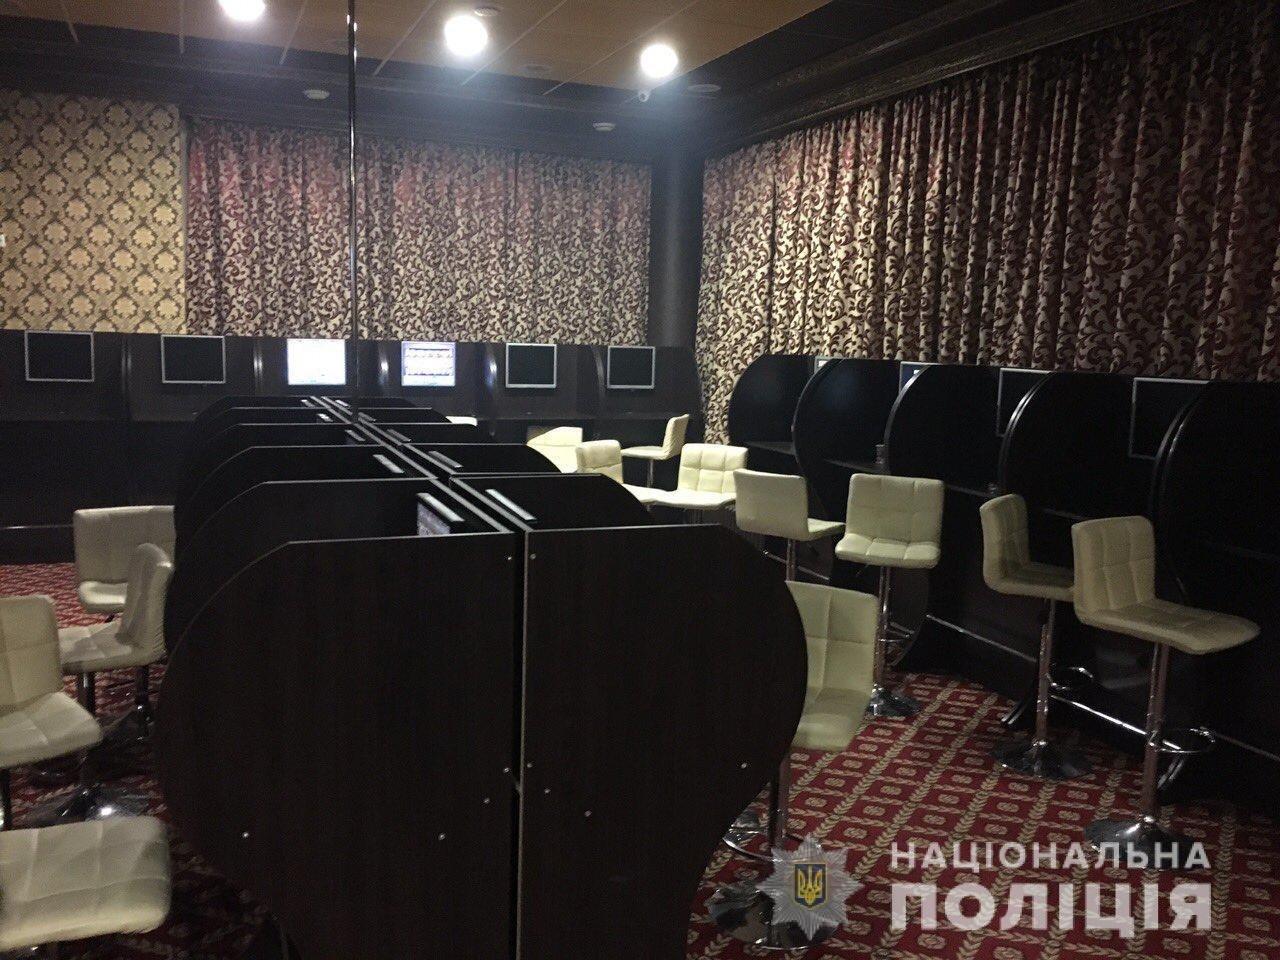 Криворожанина, открывшего подпольные казино во Львове, приговорили к 5 годам лишения свободы , фото-3